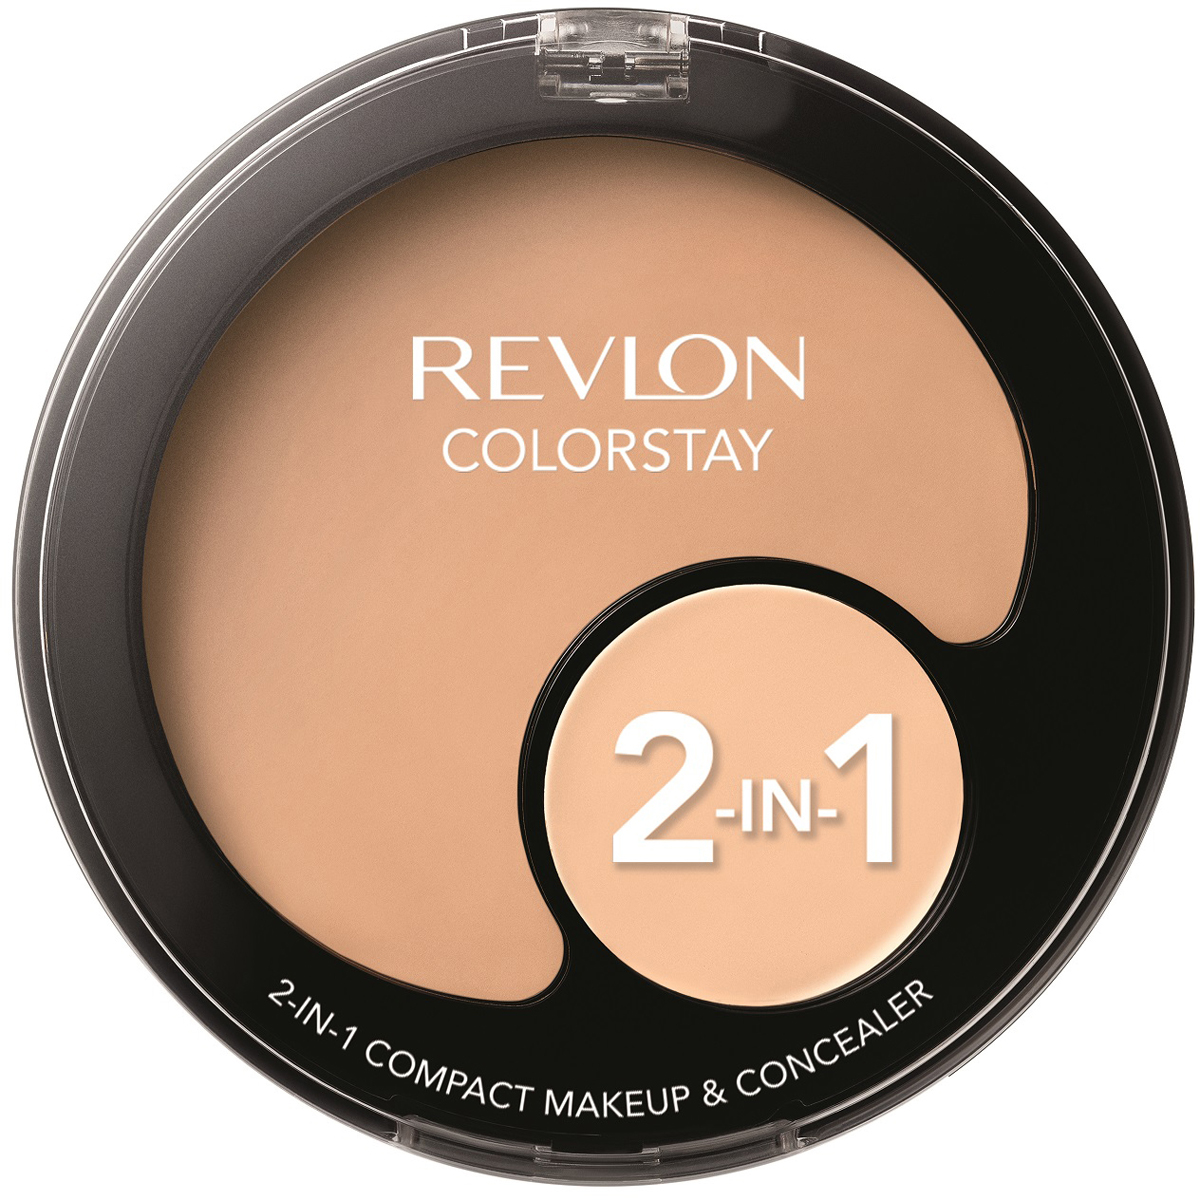 Revlon Тональная основа + консилер 2 в 1 colorstay, тон №110, 11 г7213147005Твой идеальный тон лица вместе с Revlon Colorstay 2 in 1. Тональная основа + консилер. Удобно вдвойне.